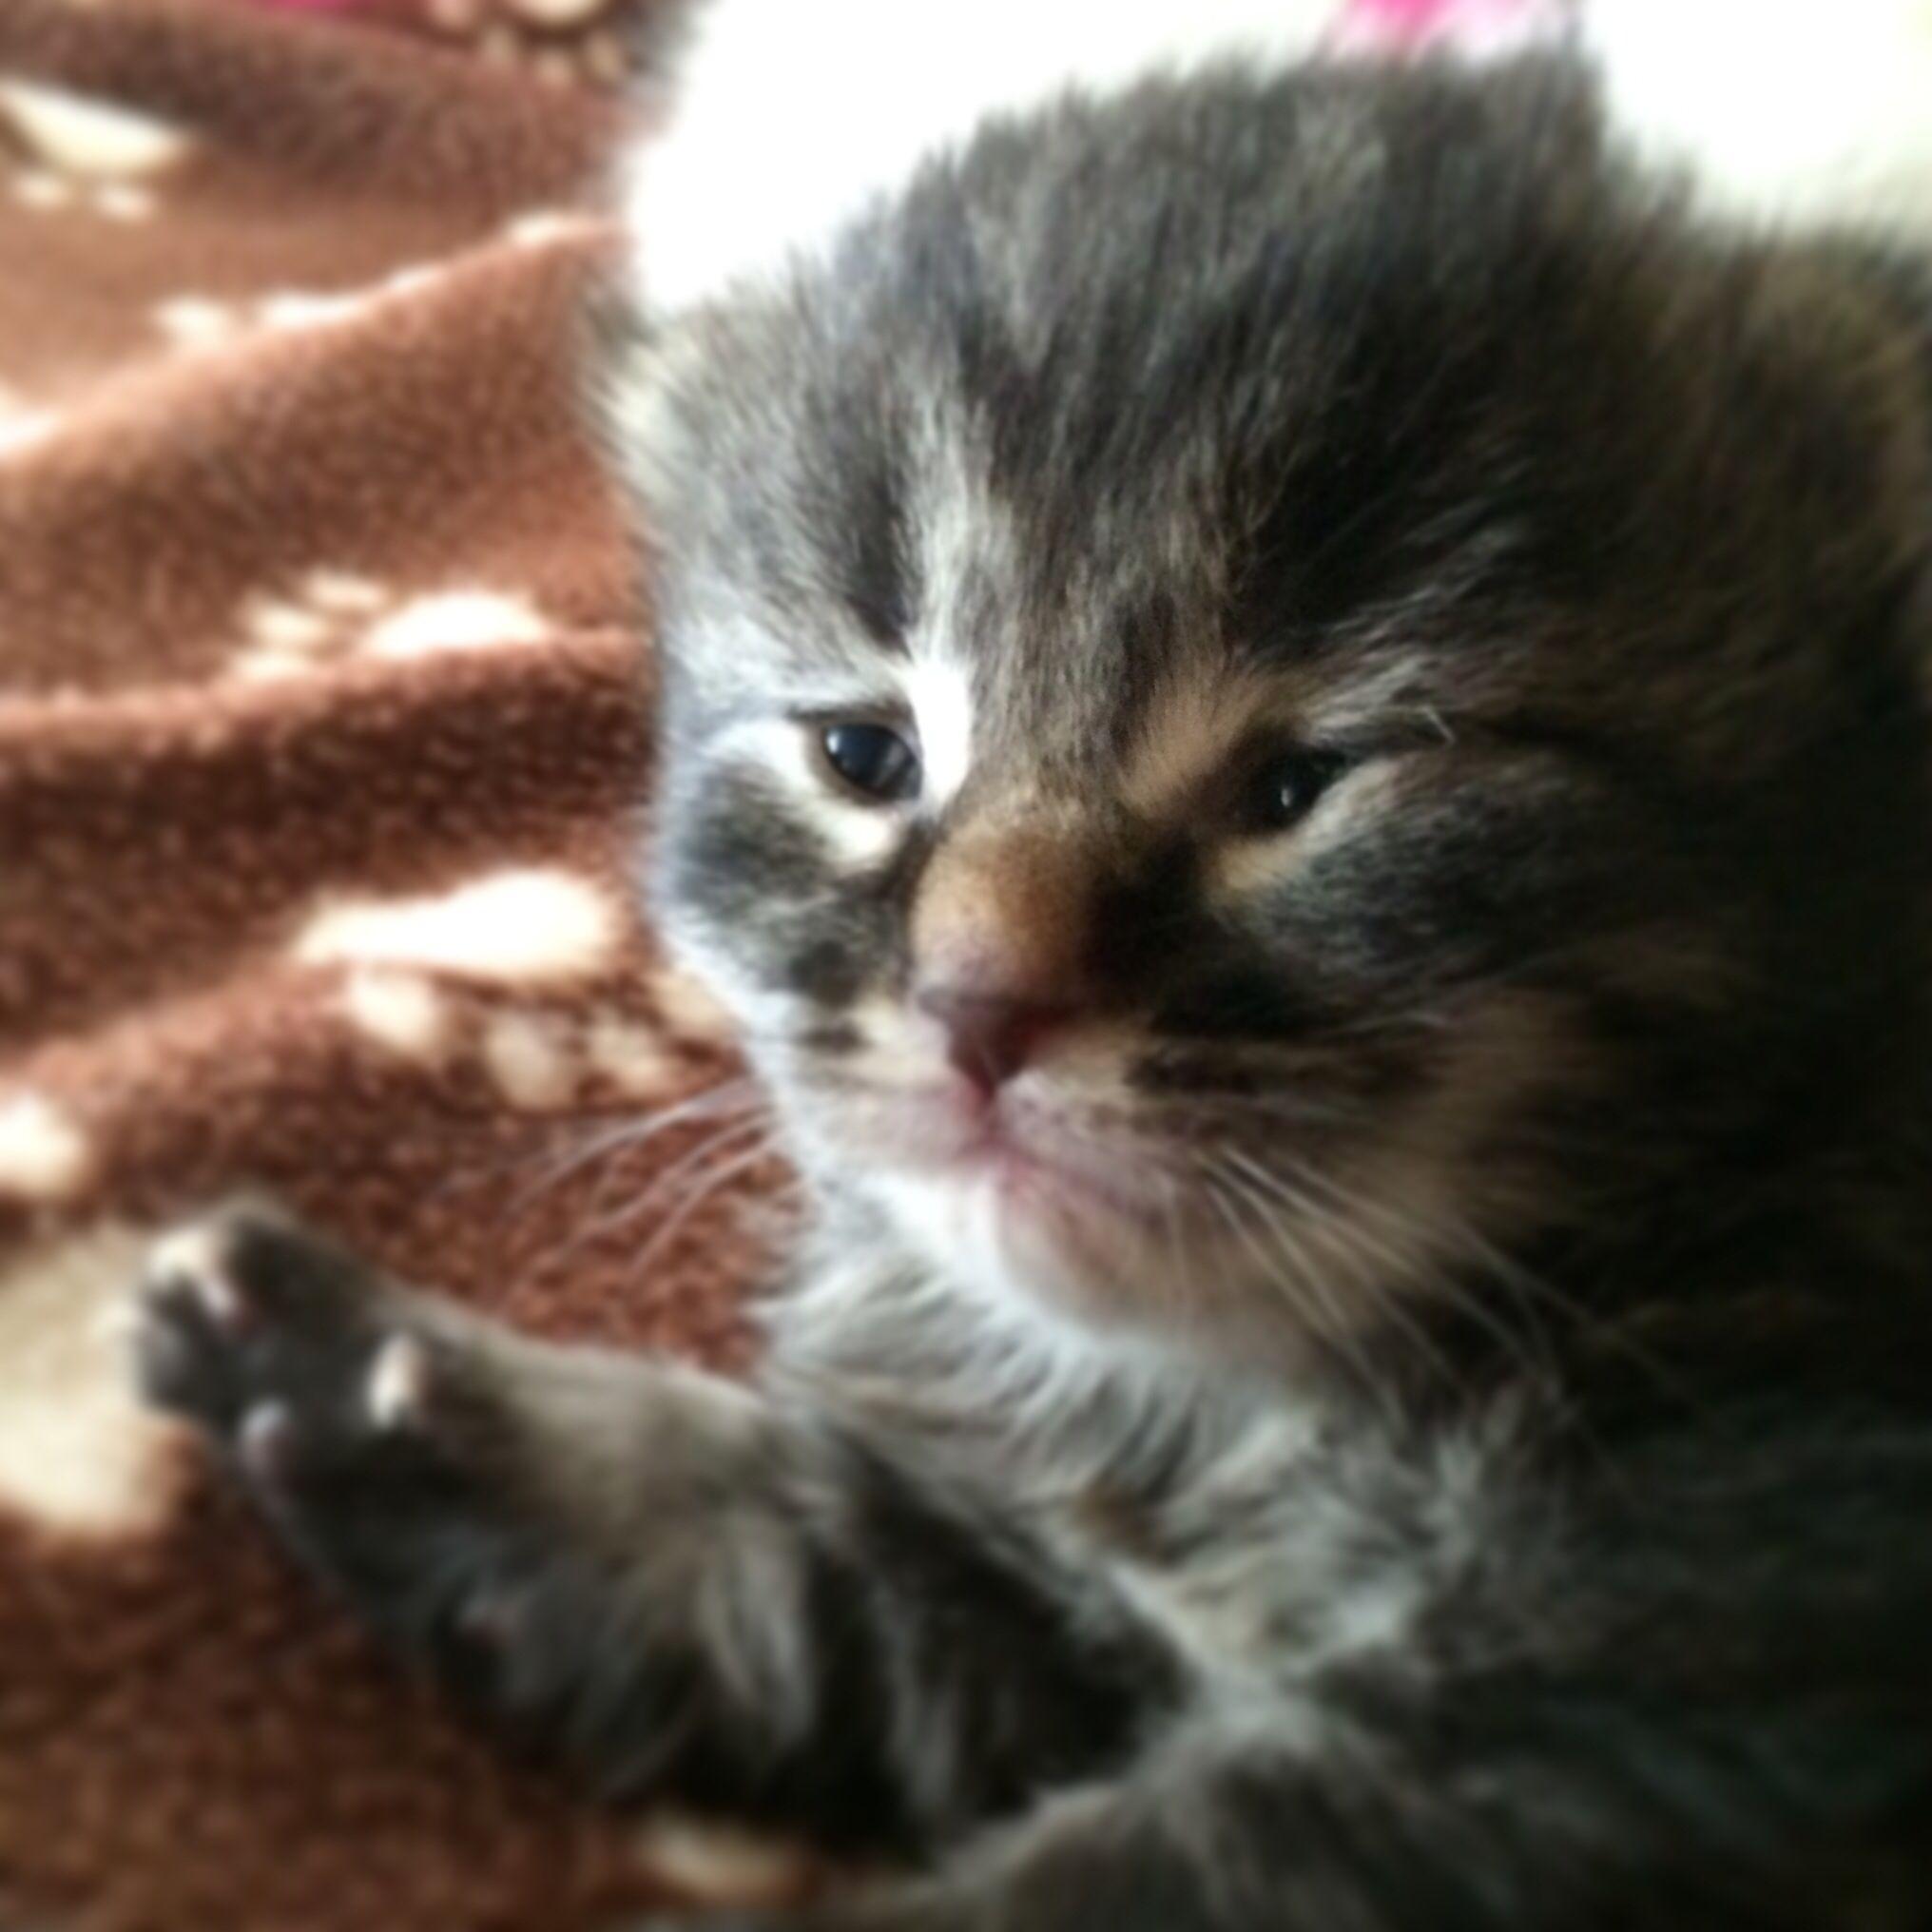 Pin By Megan Watson On Duchess And Kittens Foster Kittens Kitten Humane Society